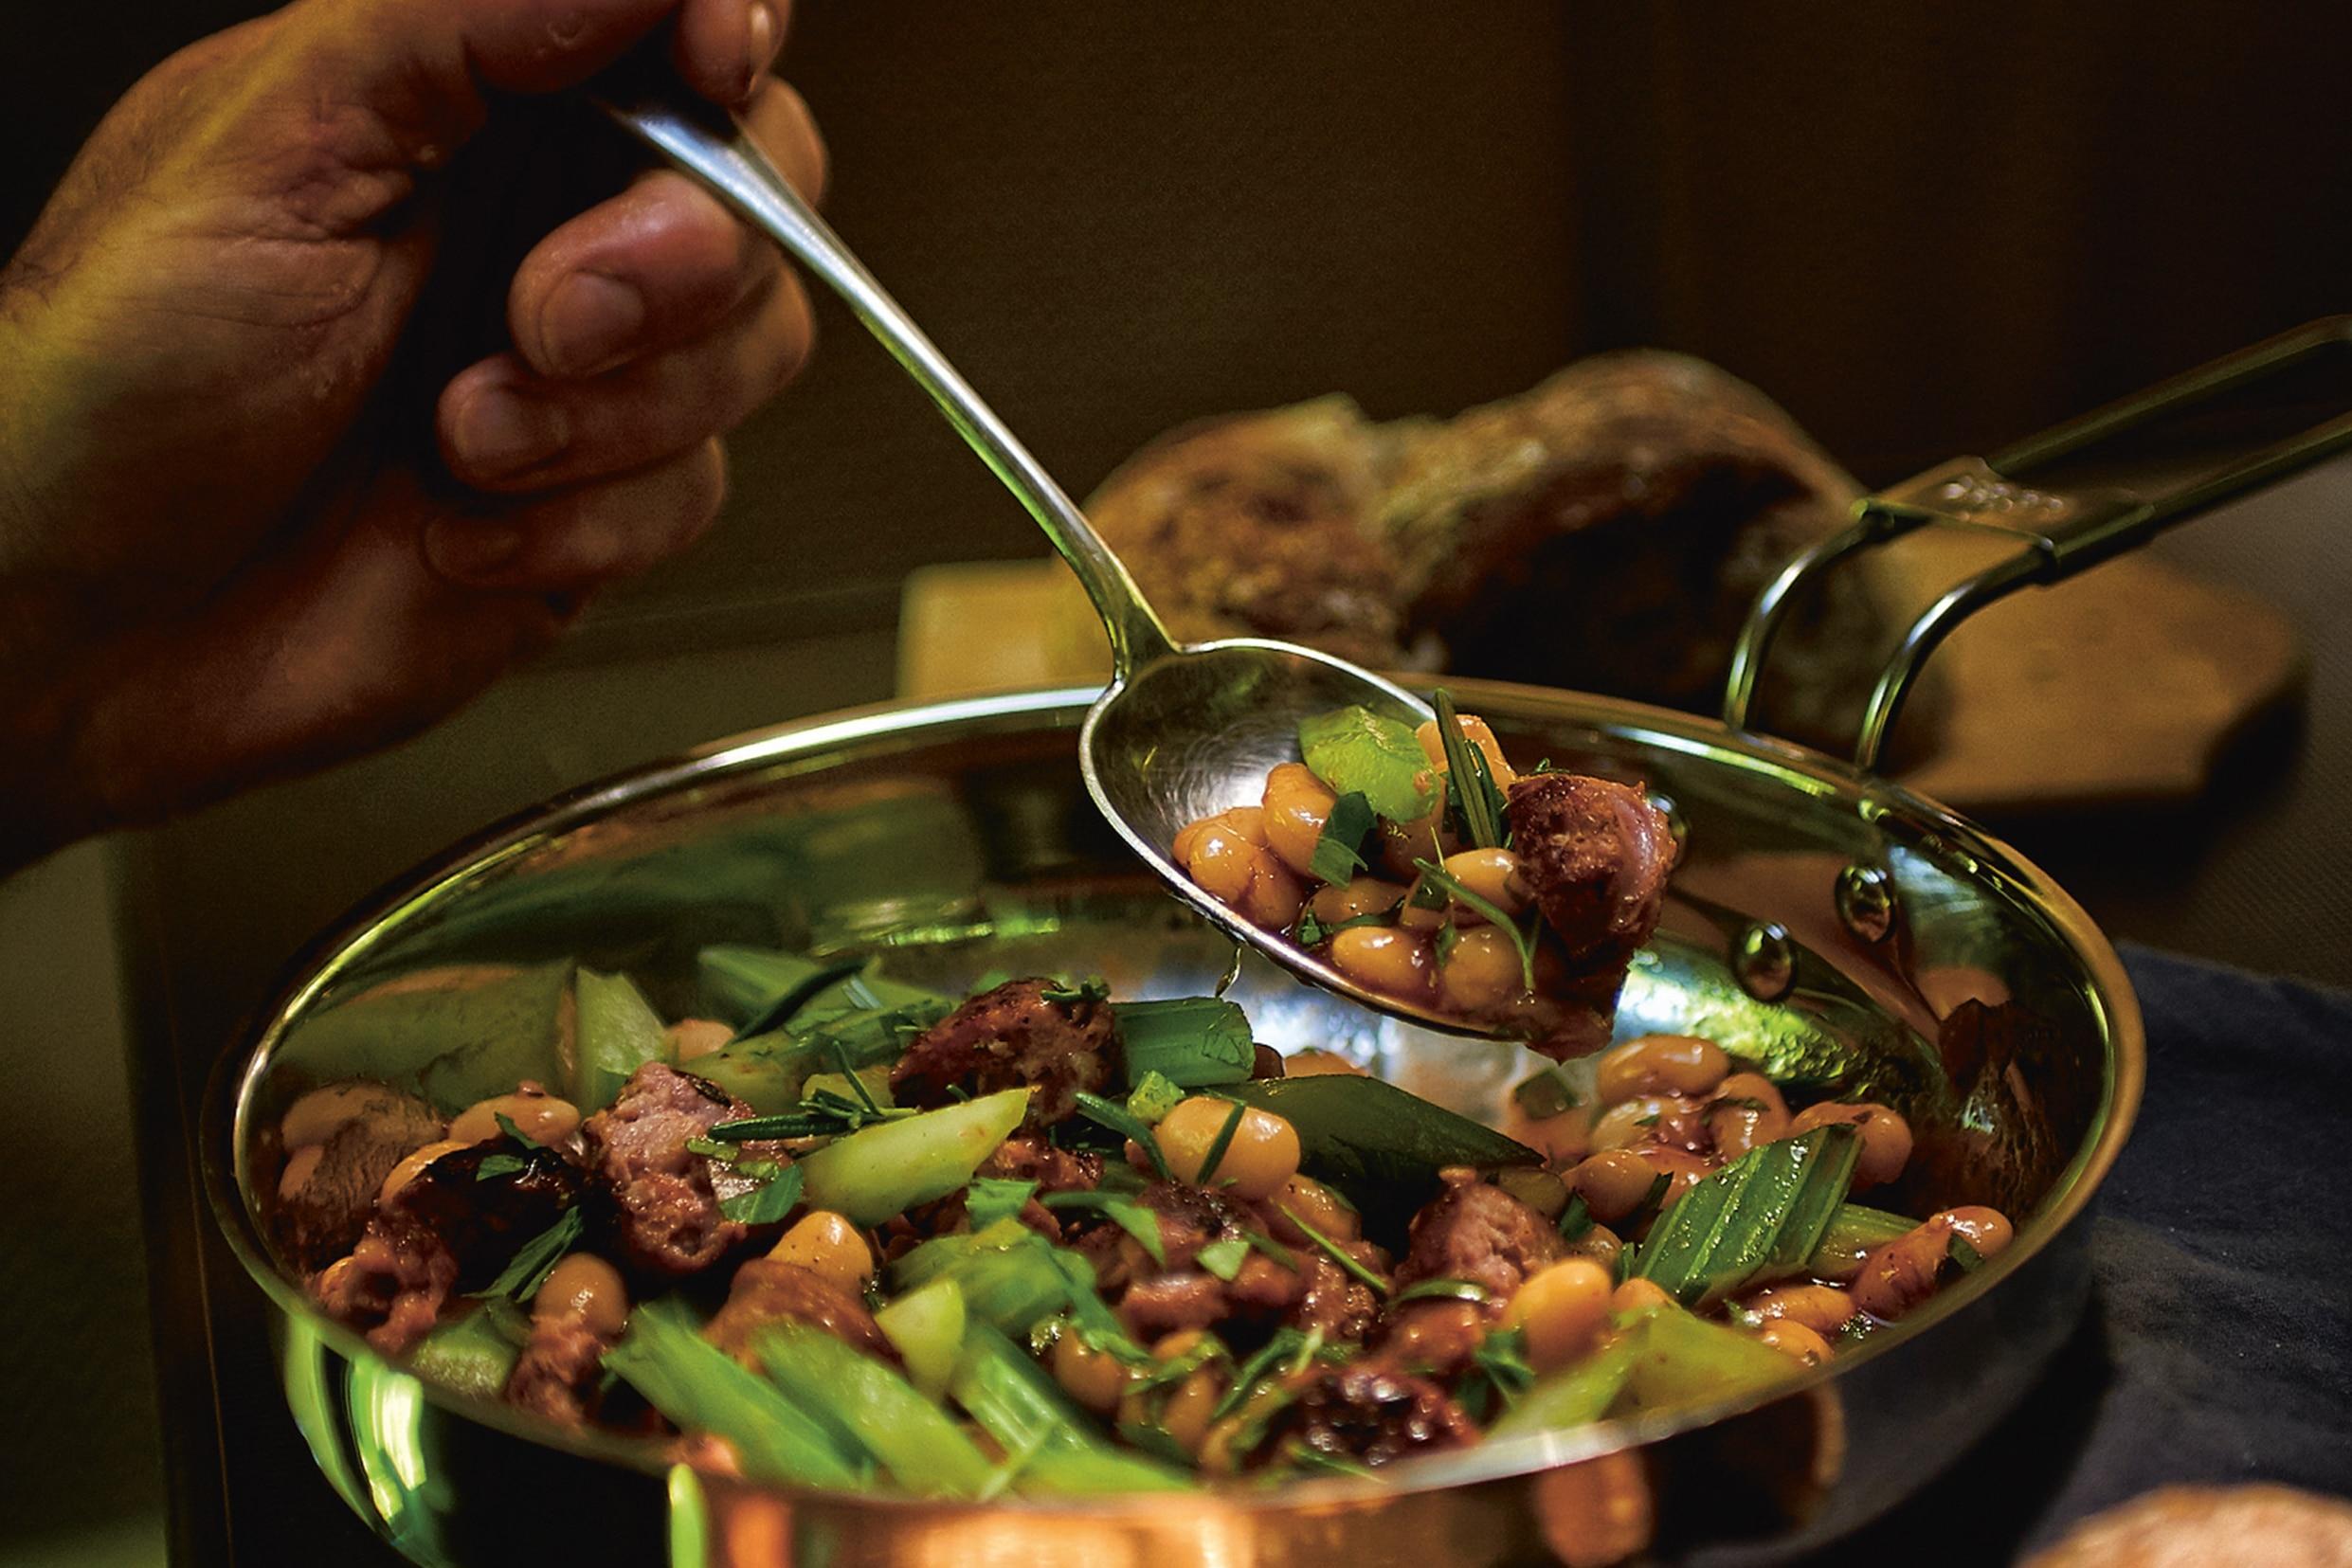 Outdoor Küche Camping Rezepte : Vegane camping rezepte a z outdoor vegan unterwegs